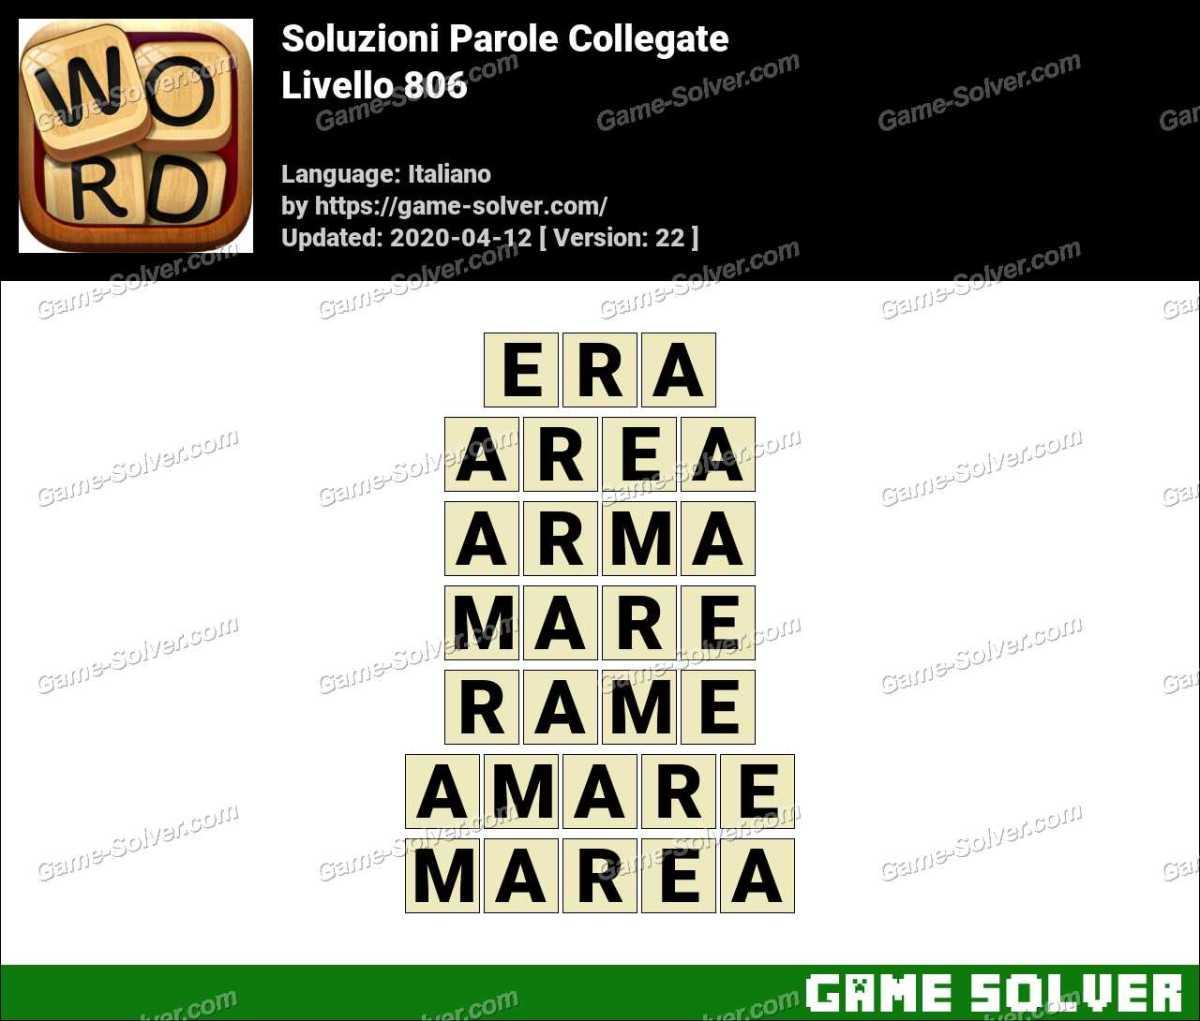 Soluzioni Parole Collegate Livello 806